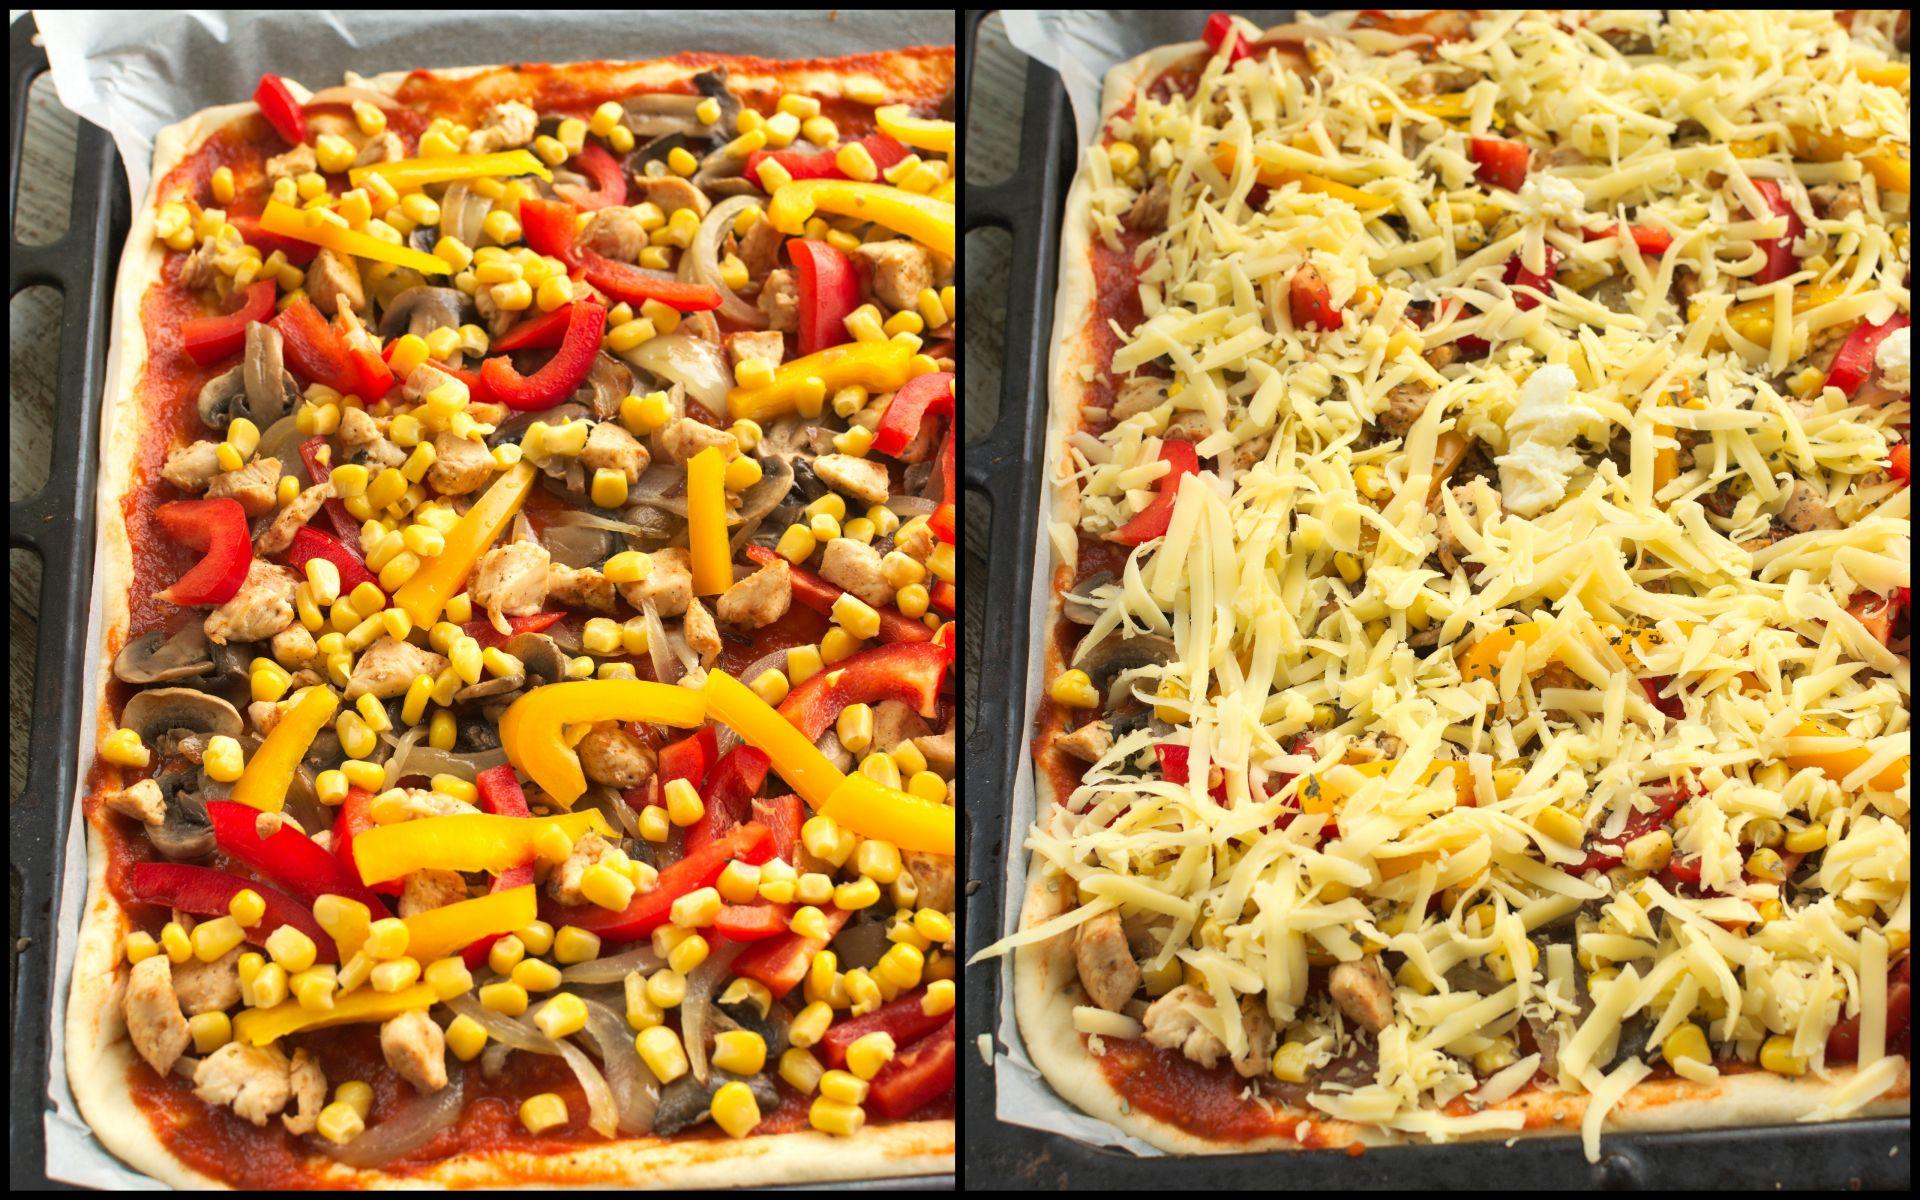 Następnie wykładamy podsmażonego kurczaka, paprykę i kukurydzę. Gotową pizzę posypujemy startym serem.